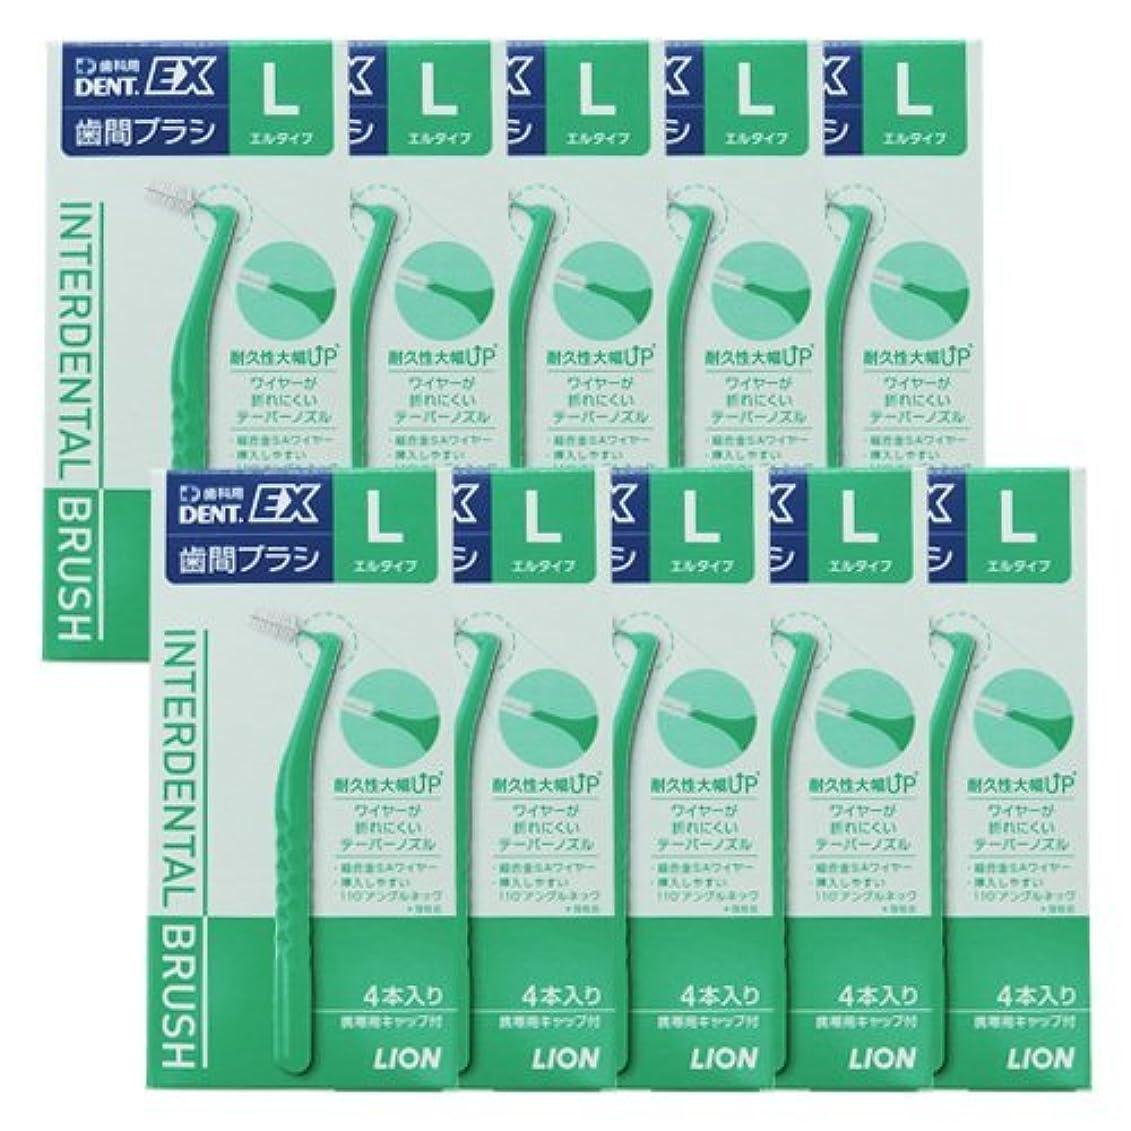 多年生公式スポットライオン(LION) デント EX 歯間ブラシ L (LION DENT. EX 歯間ブラシ) 10箱 40本セット